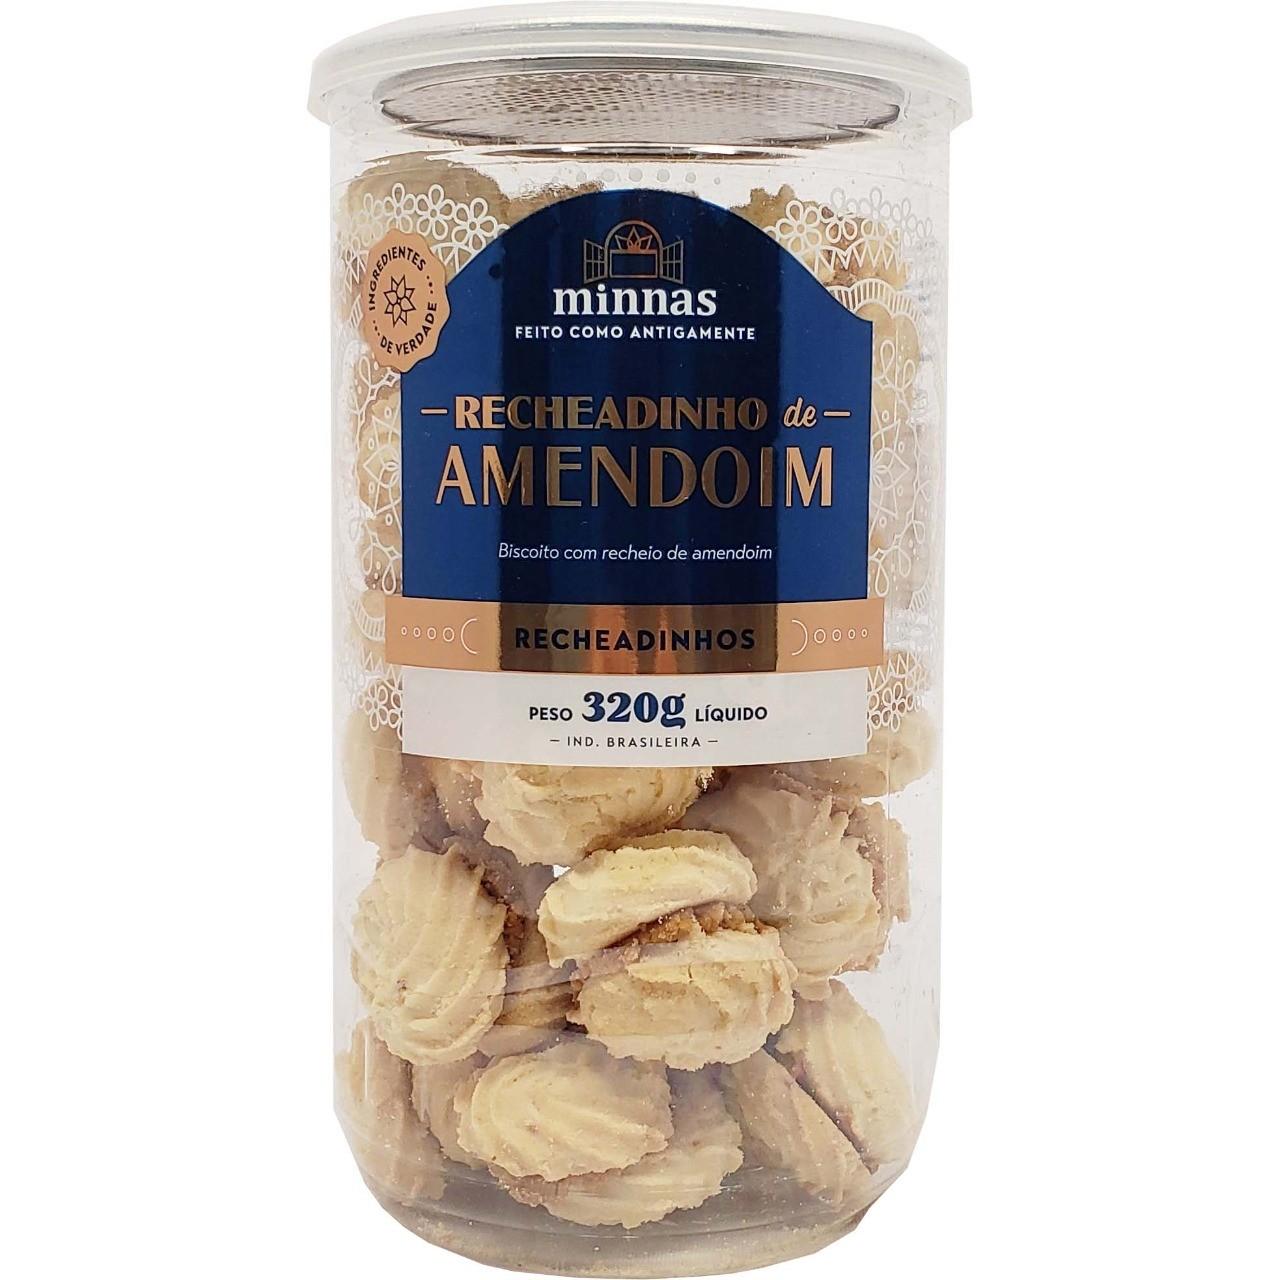 Recheadinho de Amendoim Minnas - 320g -